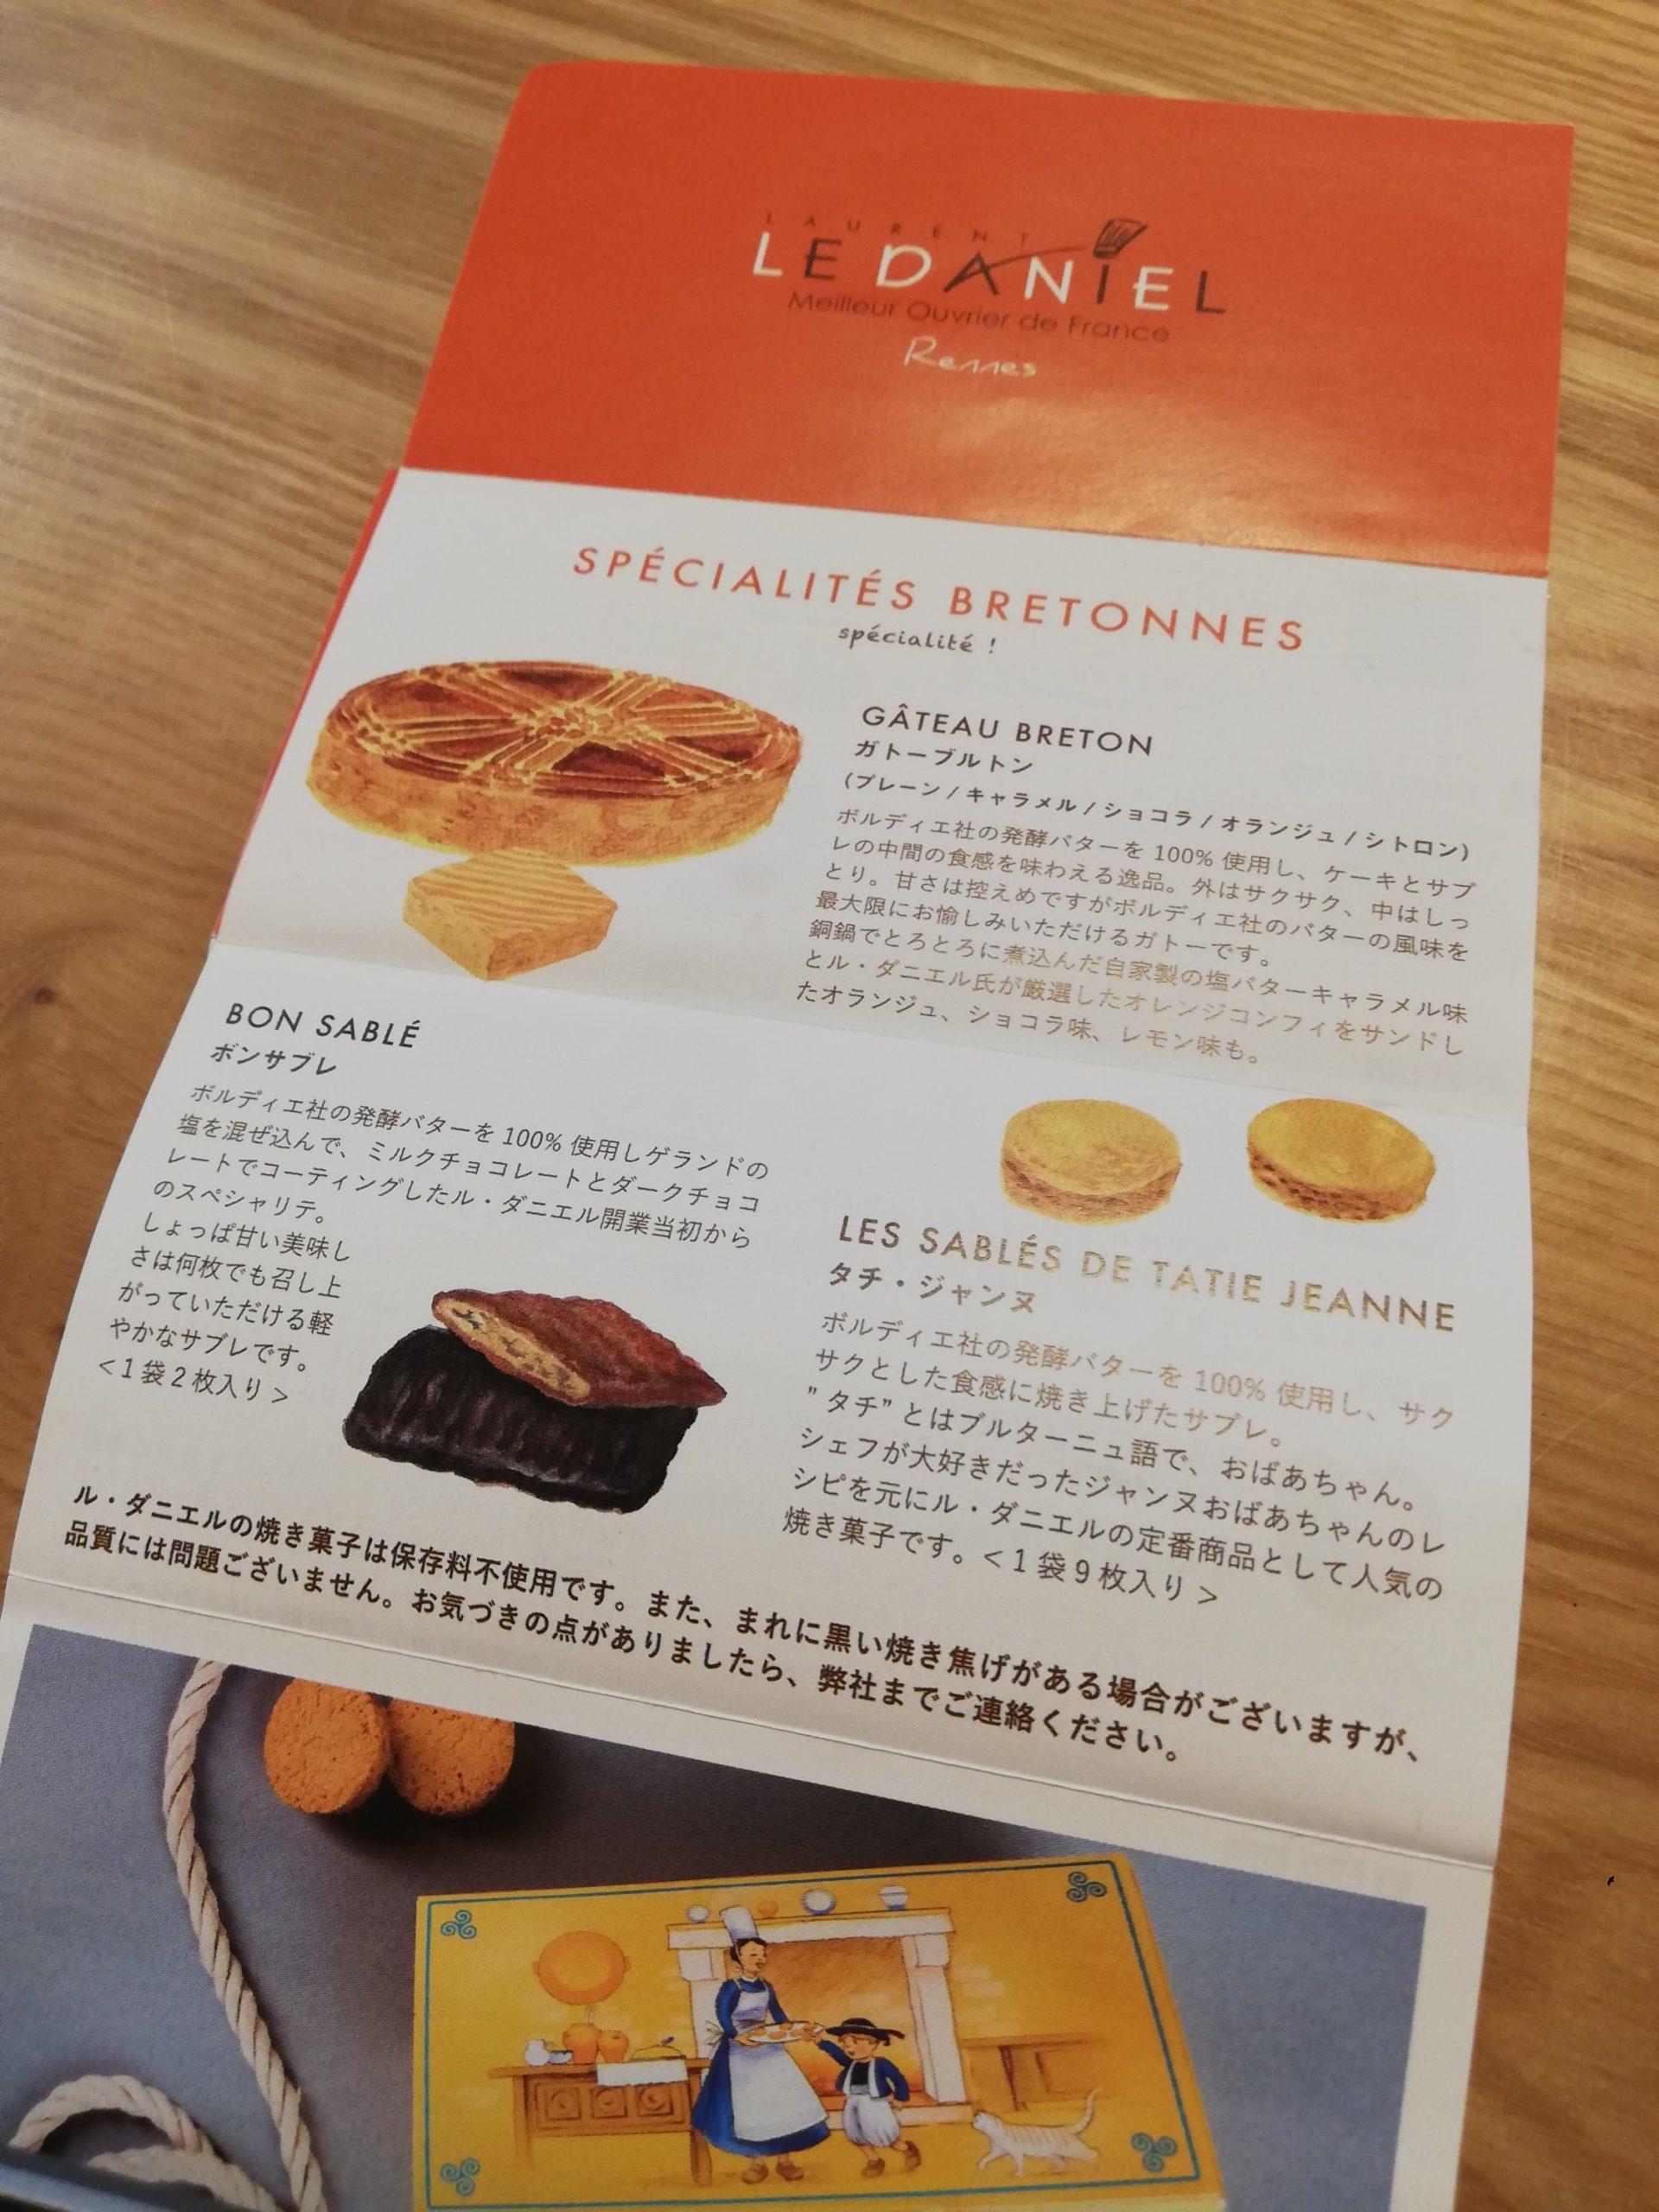 ローラン・ル・ダニエルの焼き菓子説明